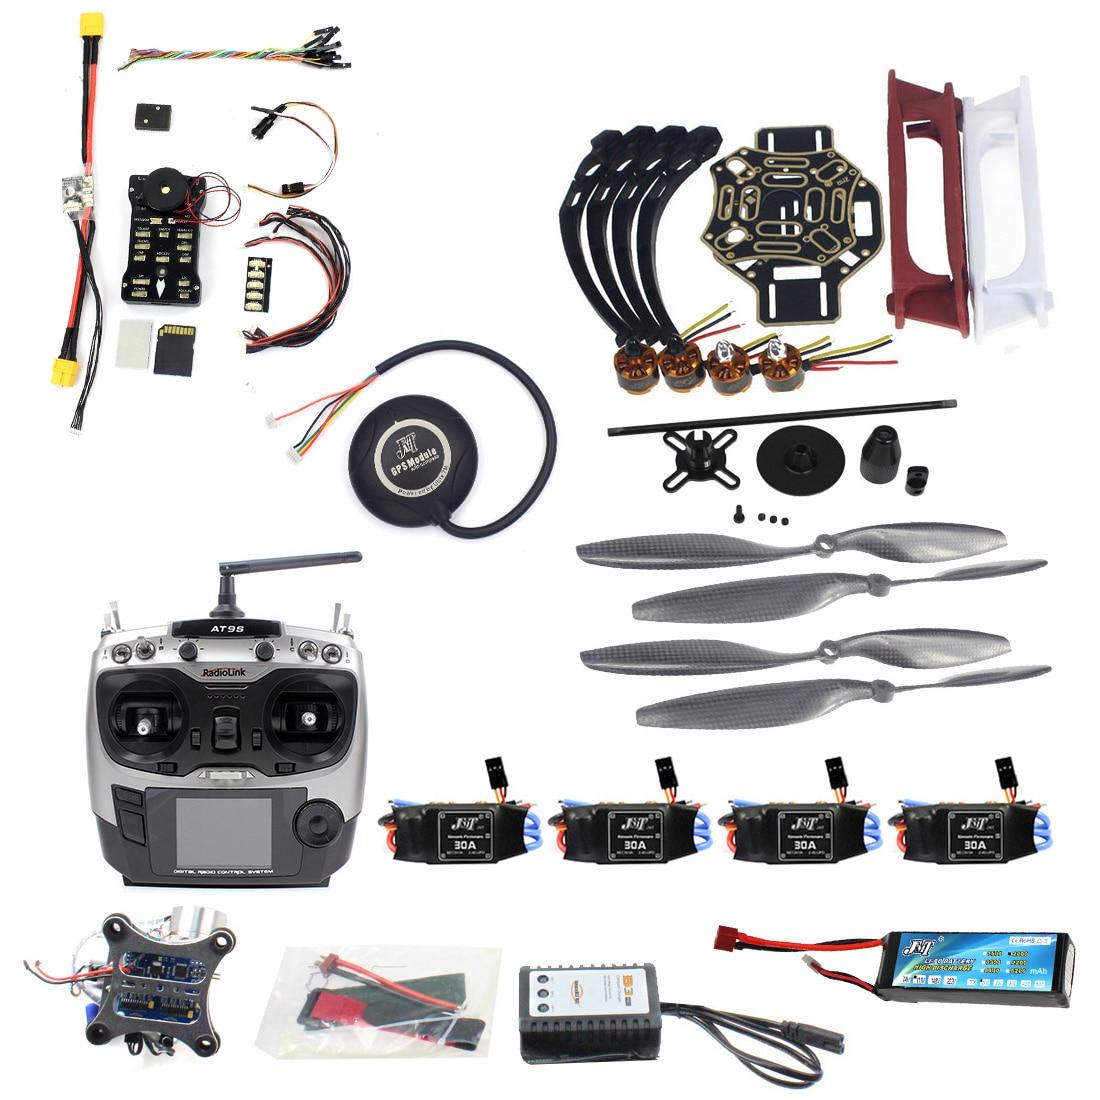 DIY FPV Drone Quadcopter 4-essieu Avions Kit F450 450 Cadre PXI PX4 Vol Contrôle 920KV Moteur GPS AT9S émetteur